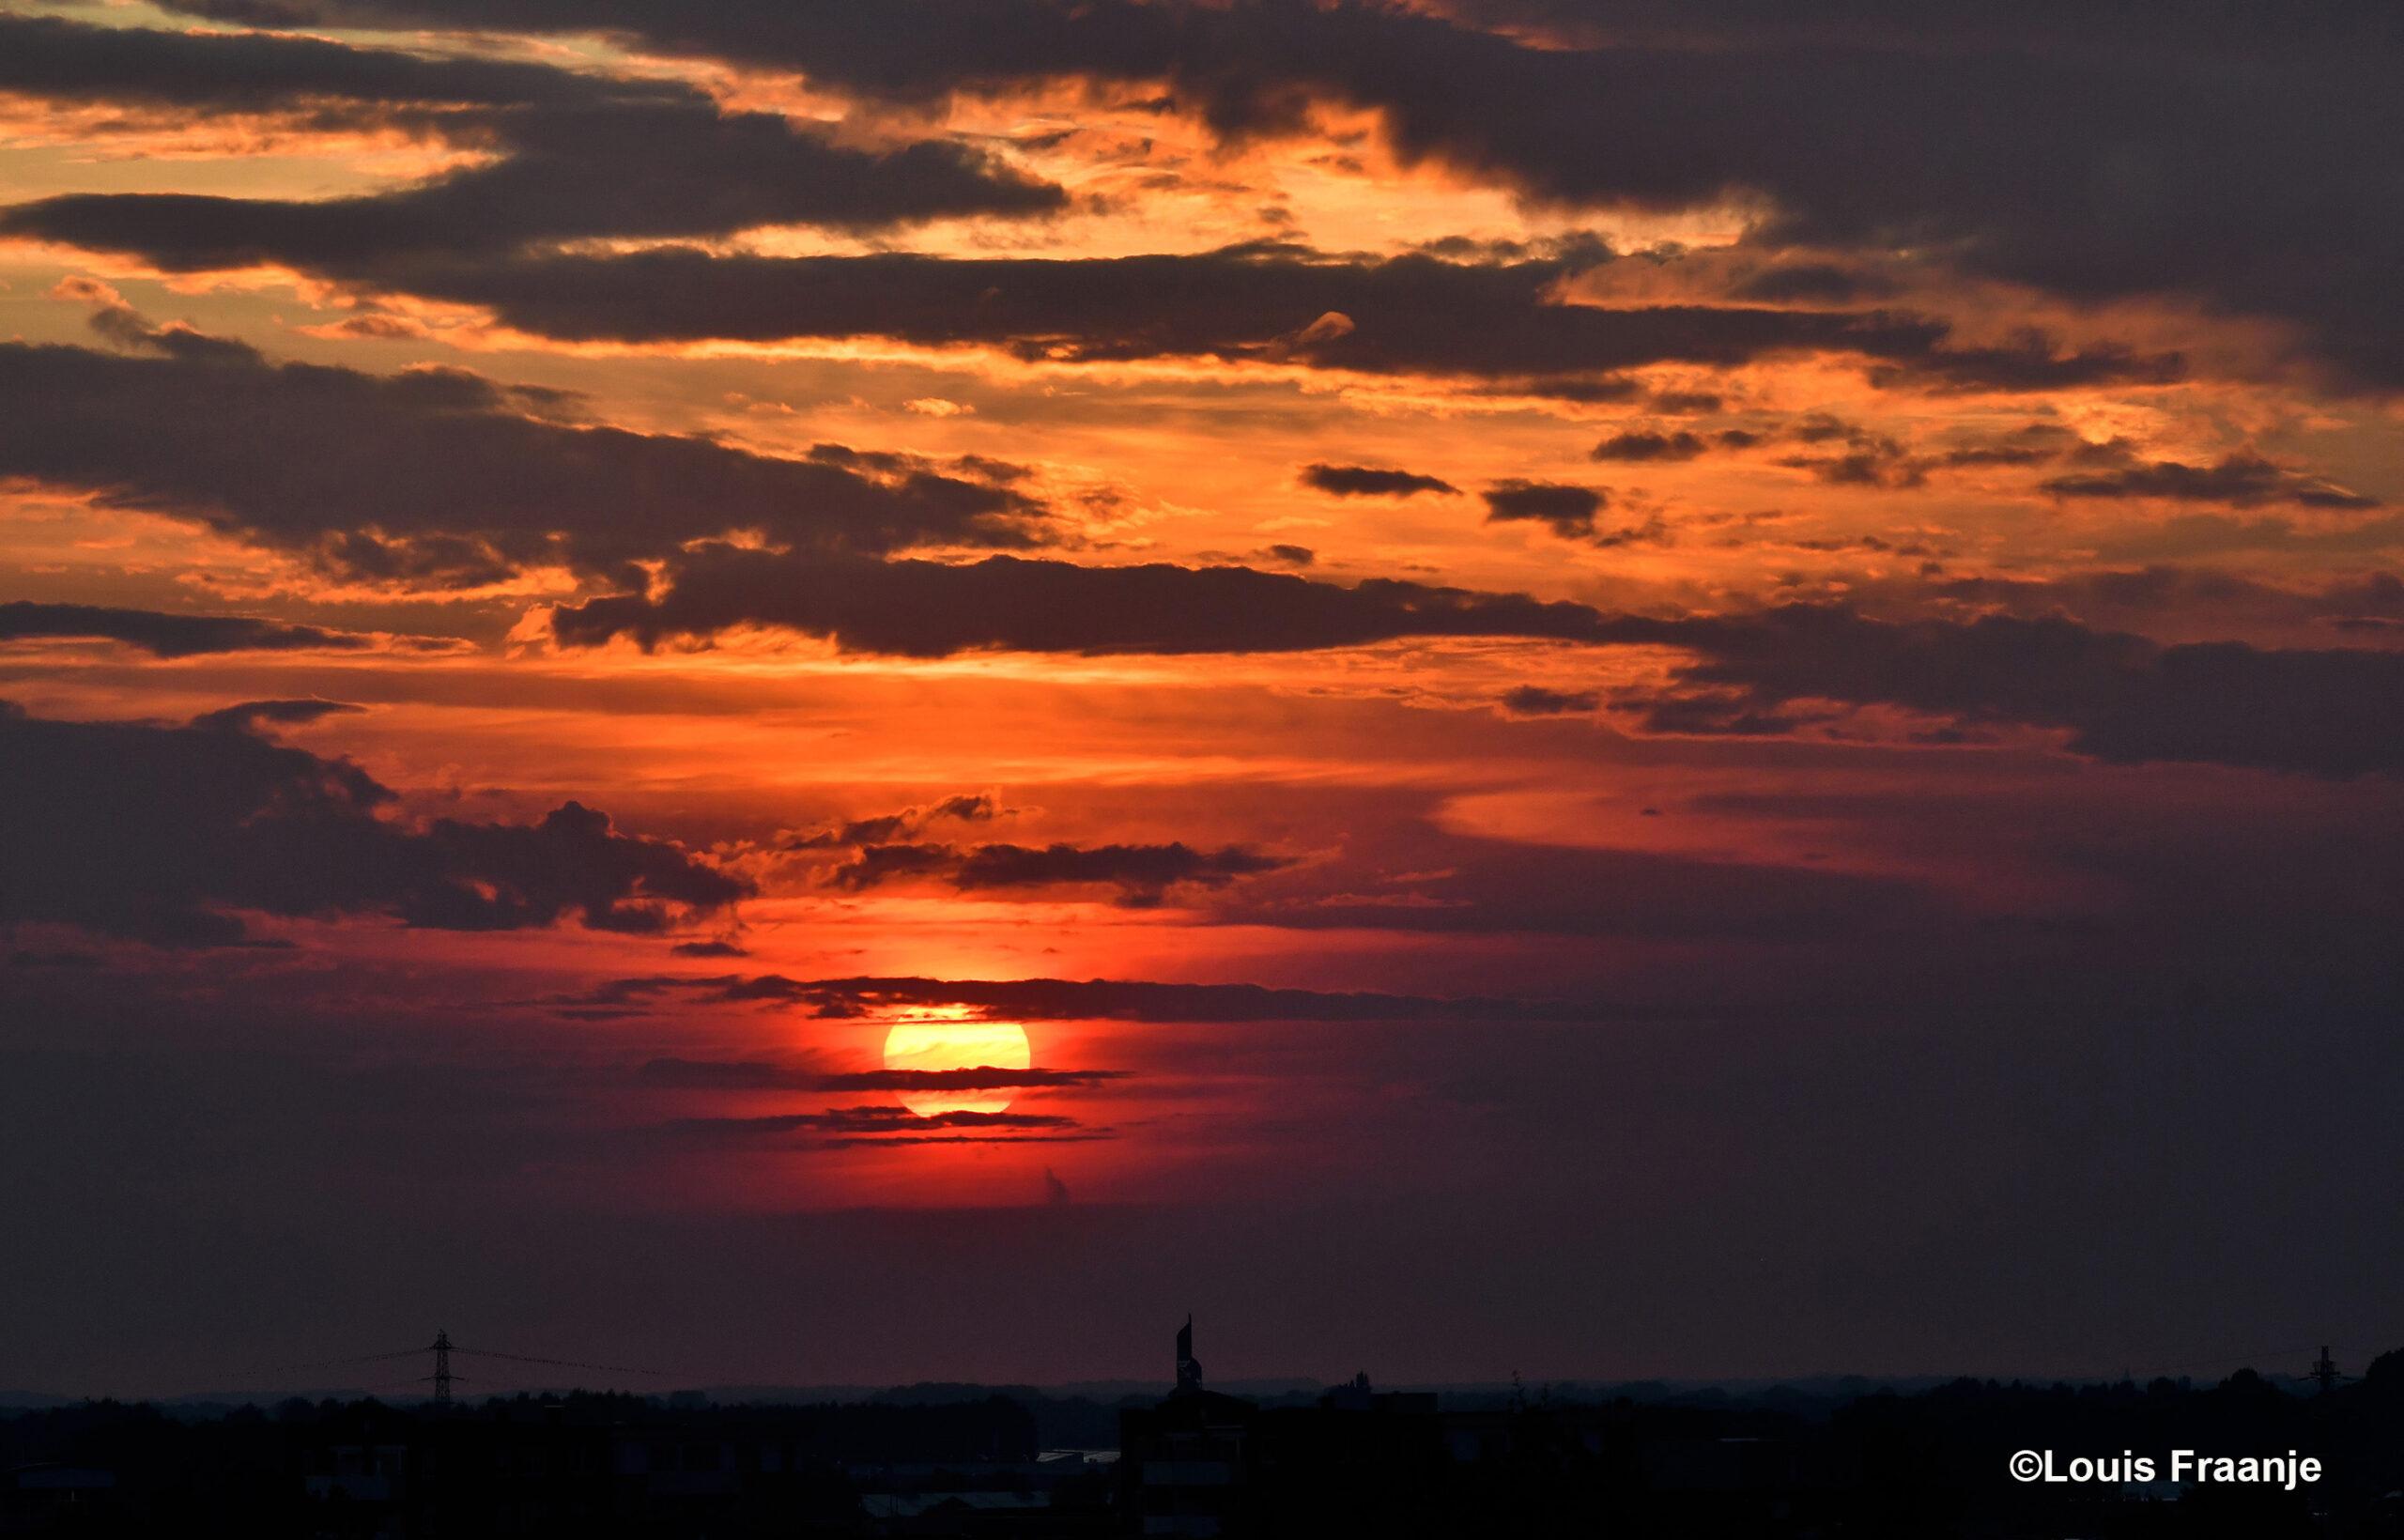 Vanavond weer genoten van een schitterende zonsondergang - Foto: ©Louis Fraanje